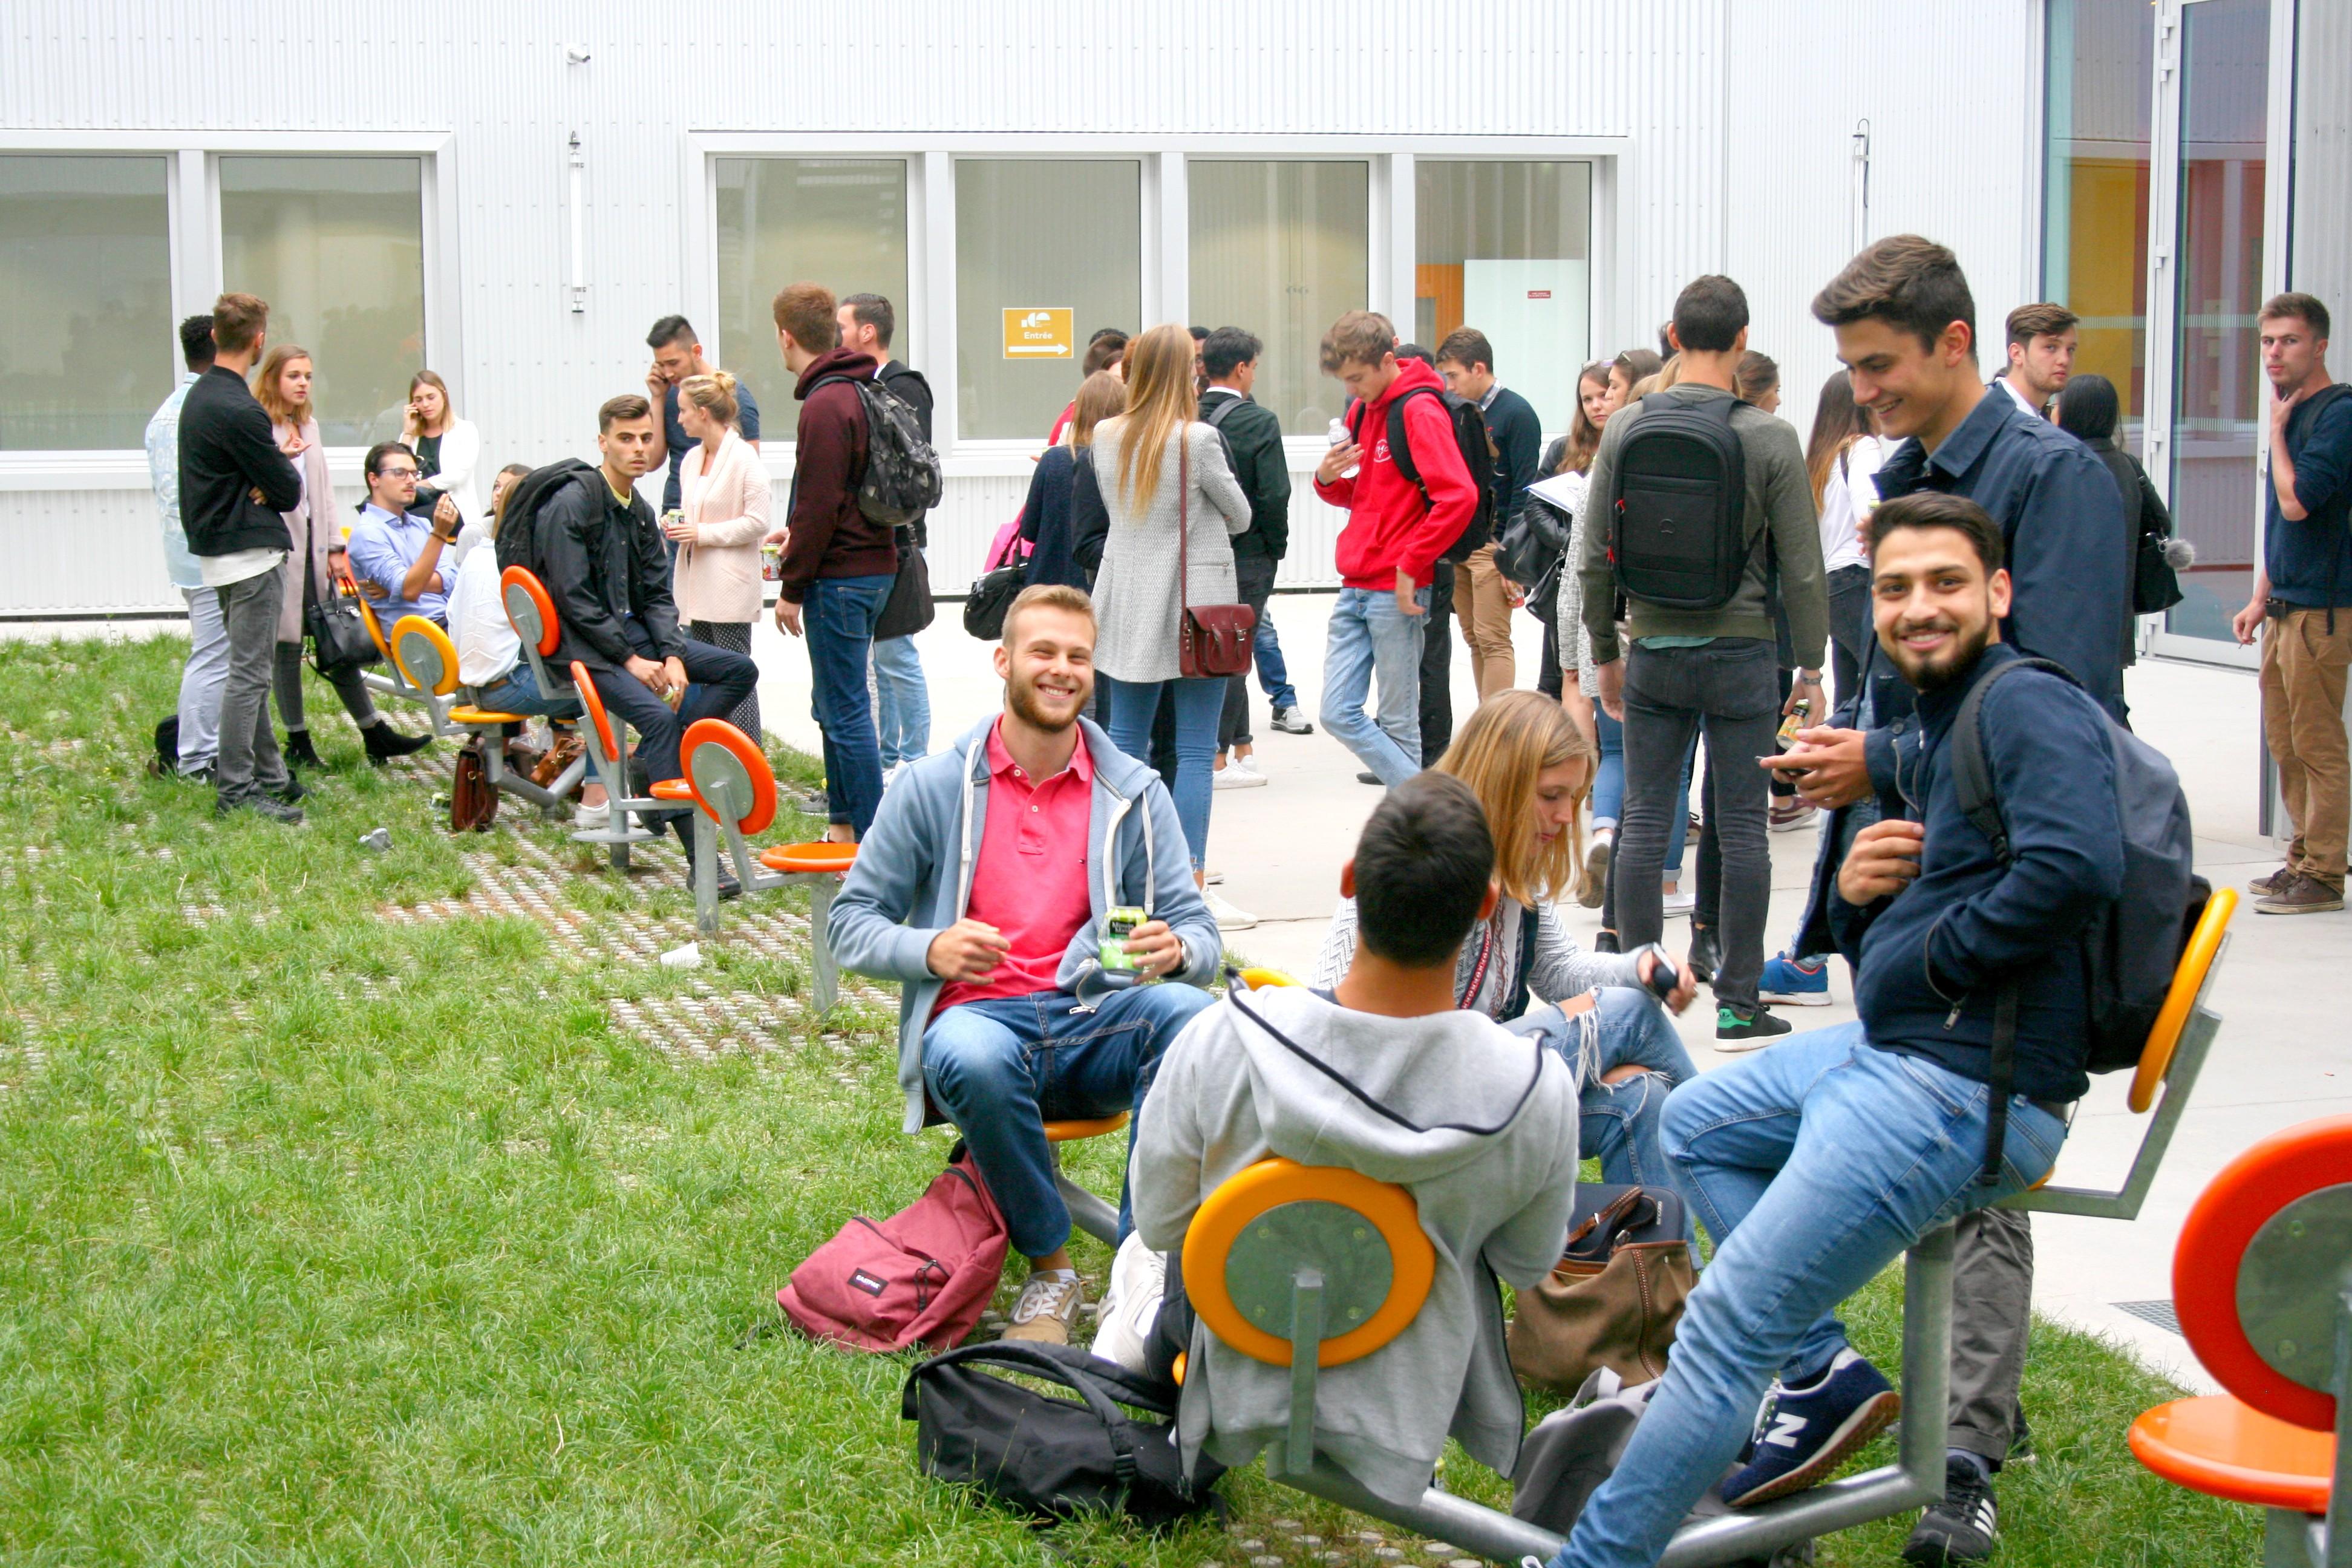 patio campus Artem